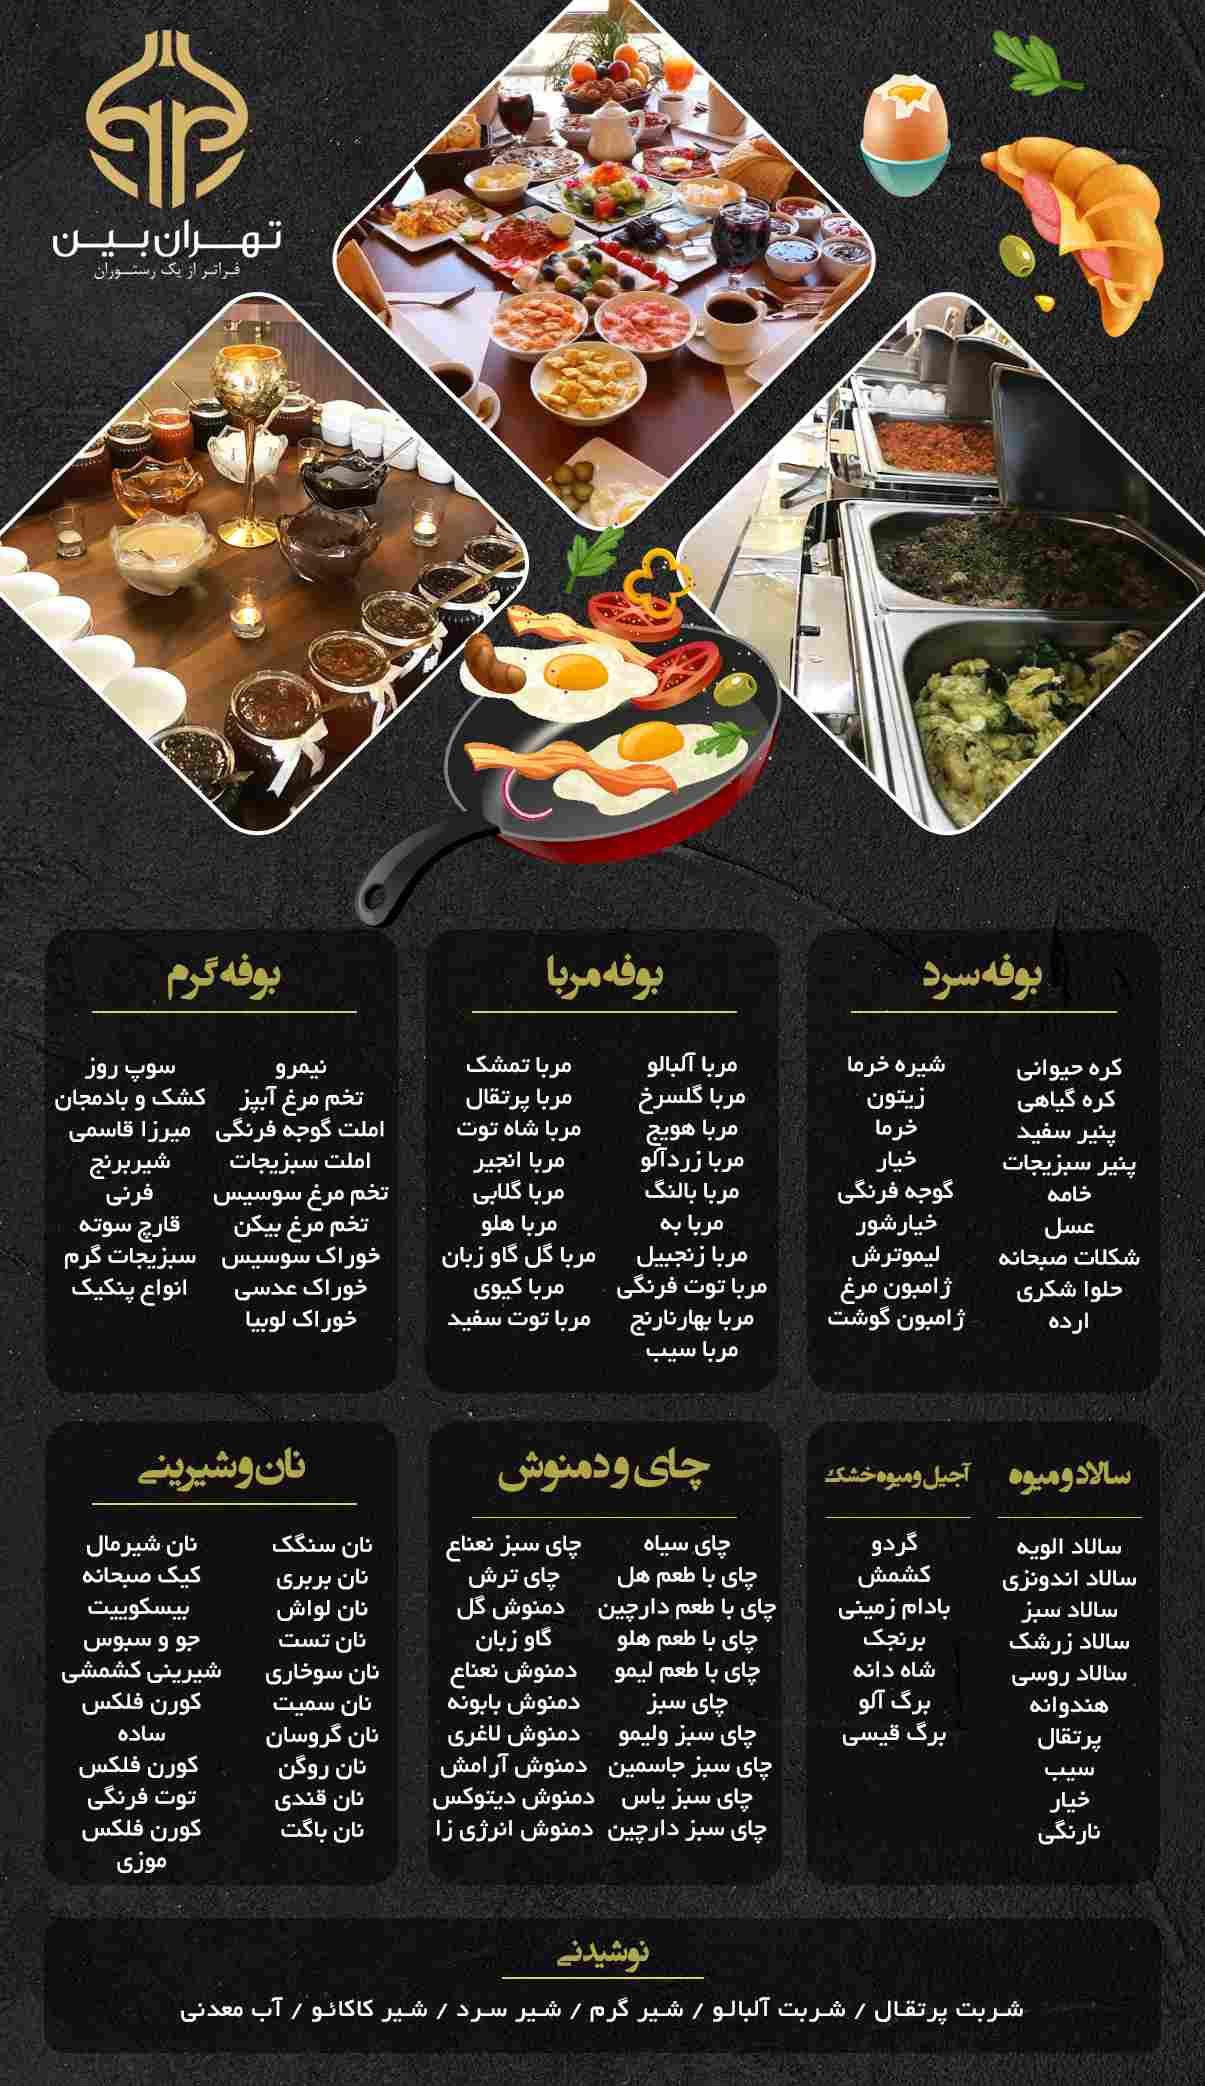 منوی صبحانه رستوران تهران بین